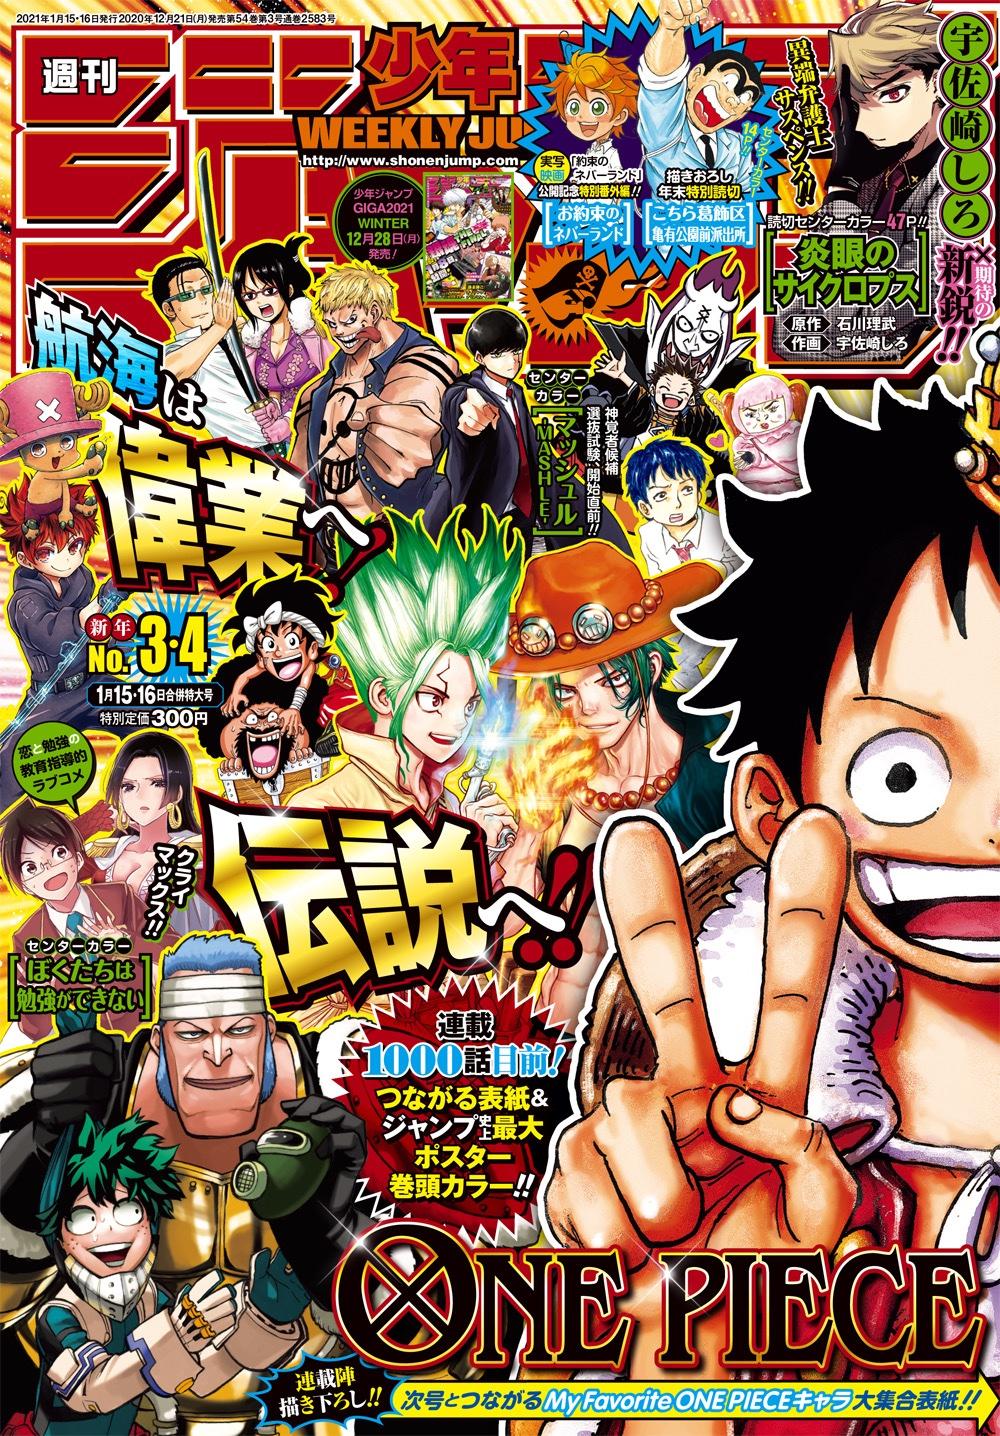 週刊少年ジャンプ 2021年03-04号  [Weekly Shonen Jump 2021 No.03-04+RAR]